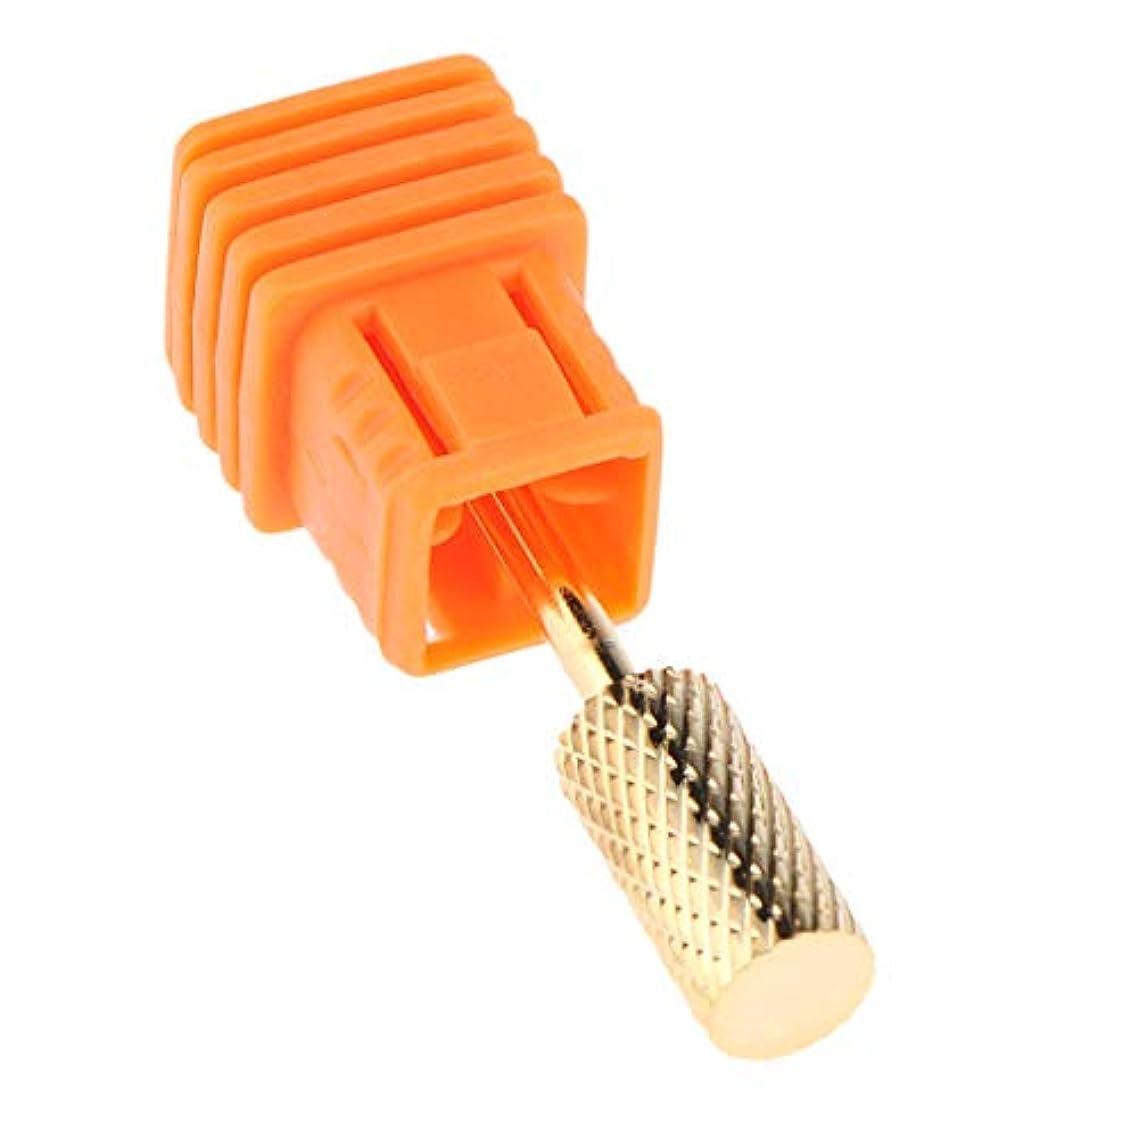 くさび放置申し立てられたネイルドリルビット ネイルビット ネイルチップ 耐久性 ネイル道具 6スタイル選べ - C